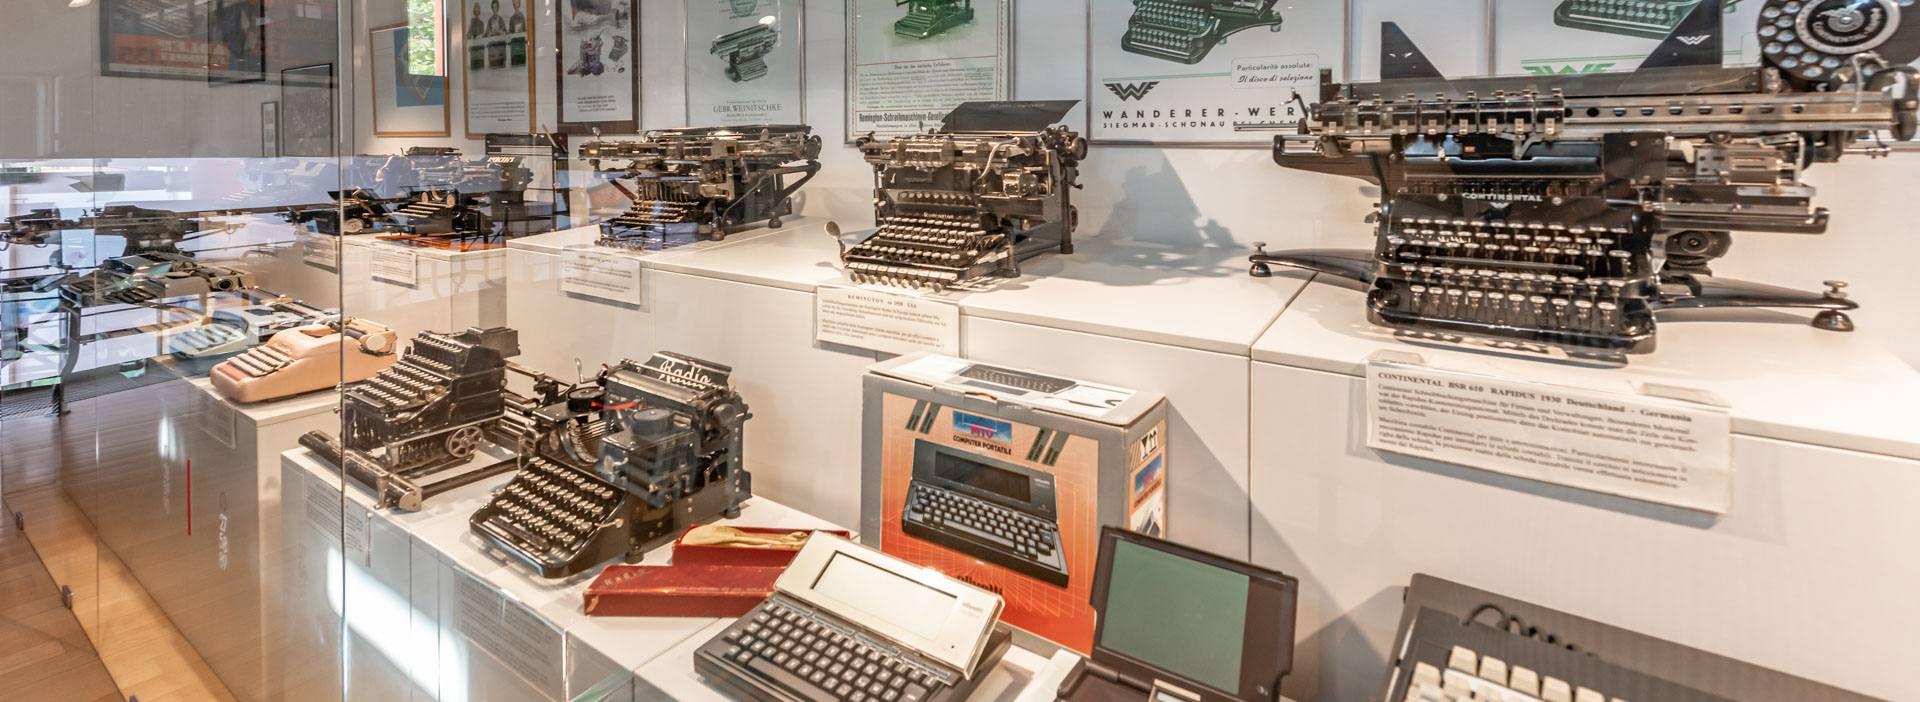 Museo delle Macchine da Scrivere Peter Mitterhofer